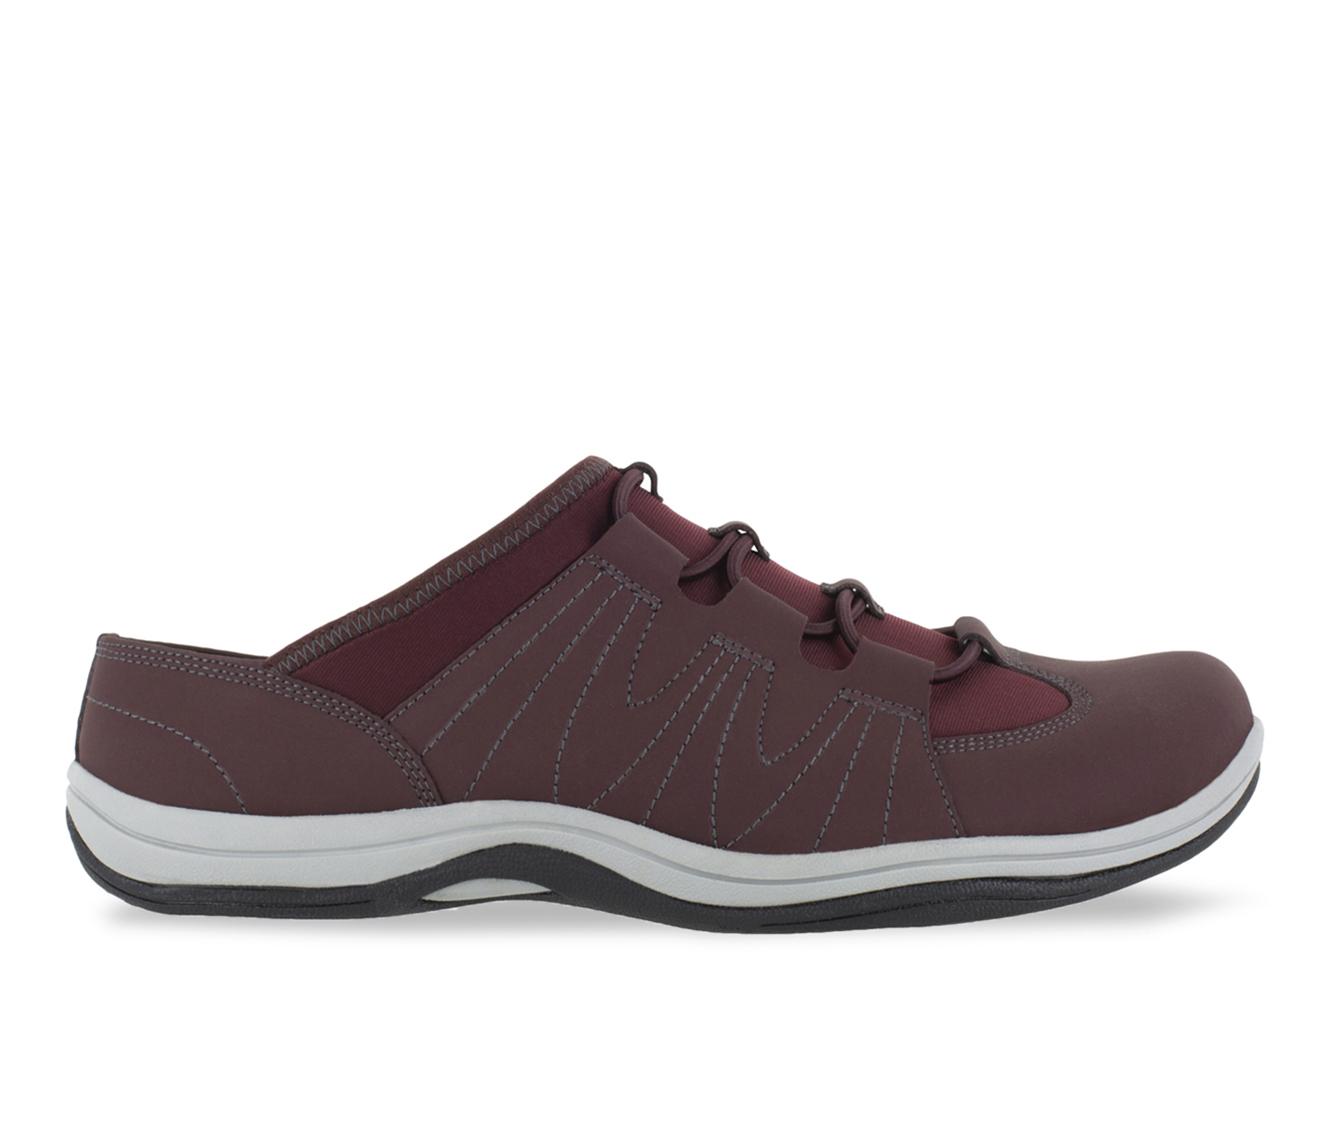 Easy Street Roam Women's Shoe (Red Leather)